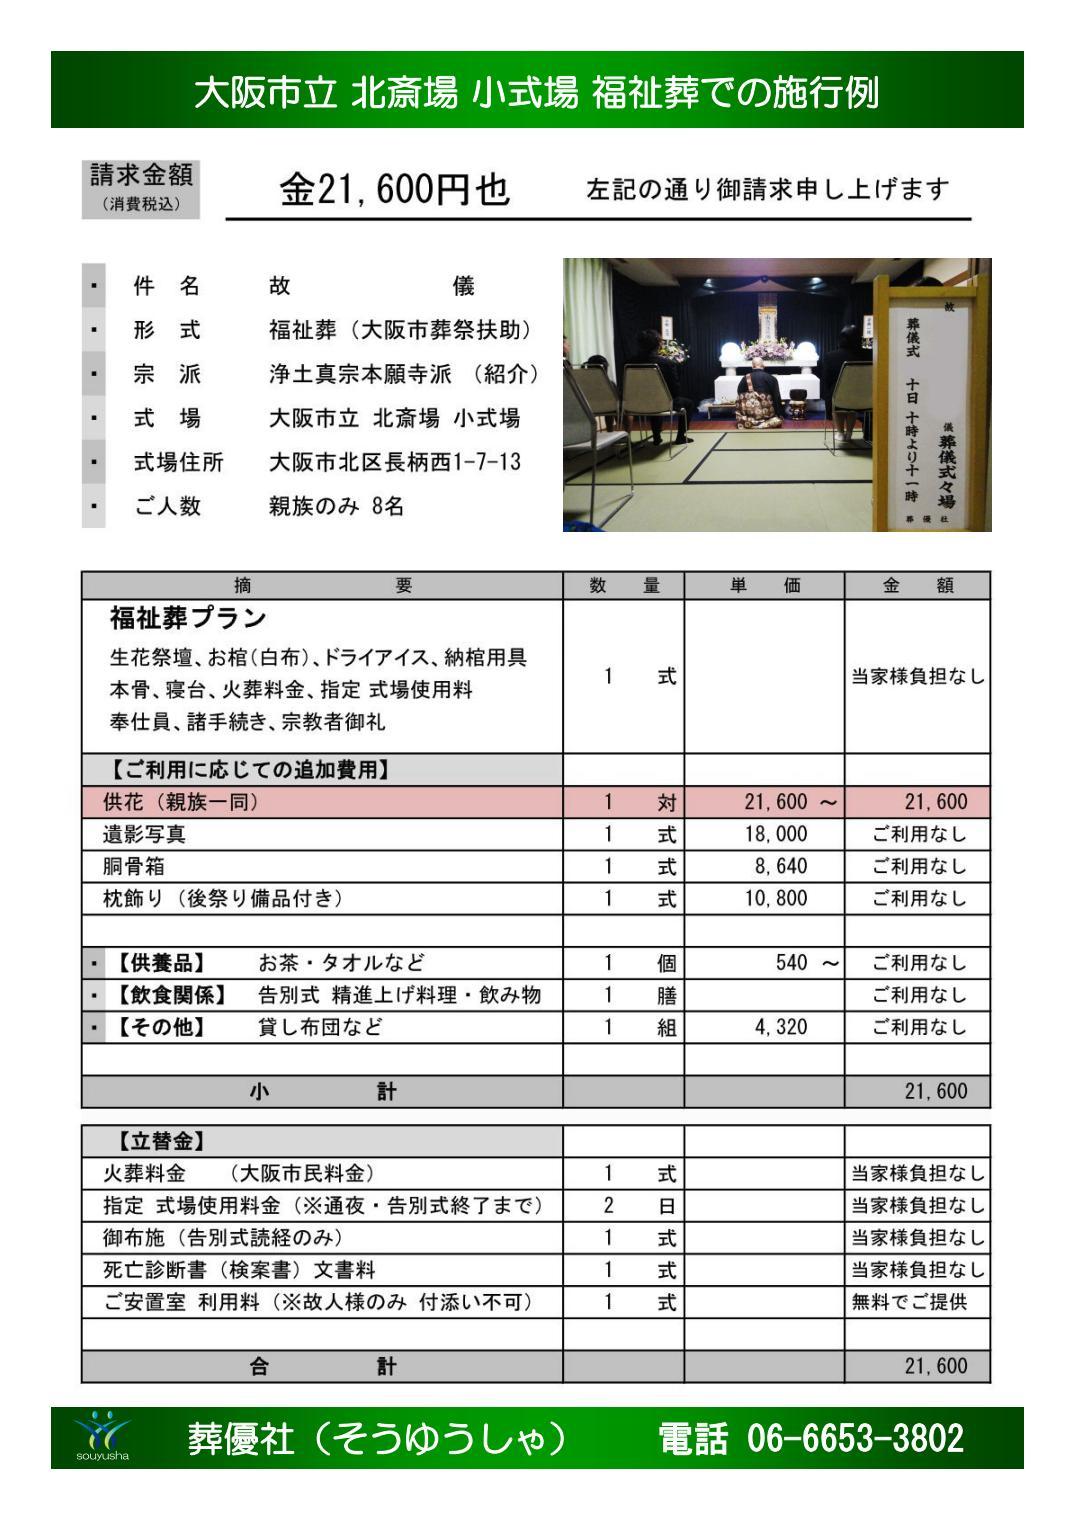 大阪市 東成区 - 火葬、葬儀費用が払えないでお困りの方